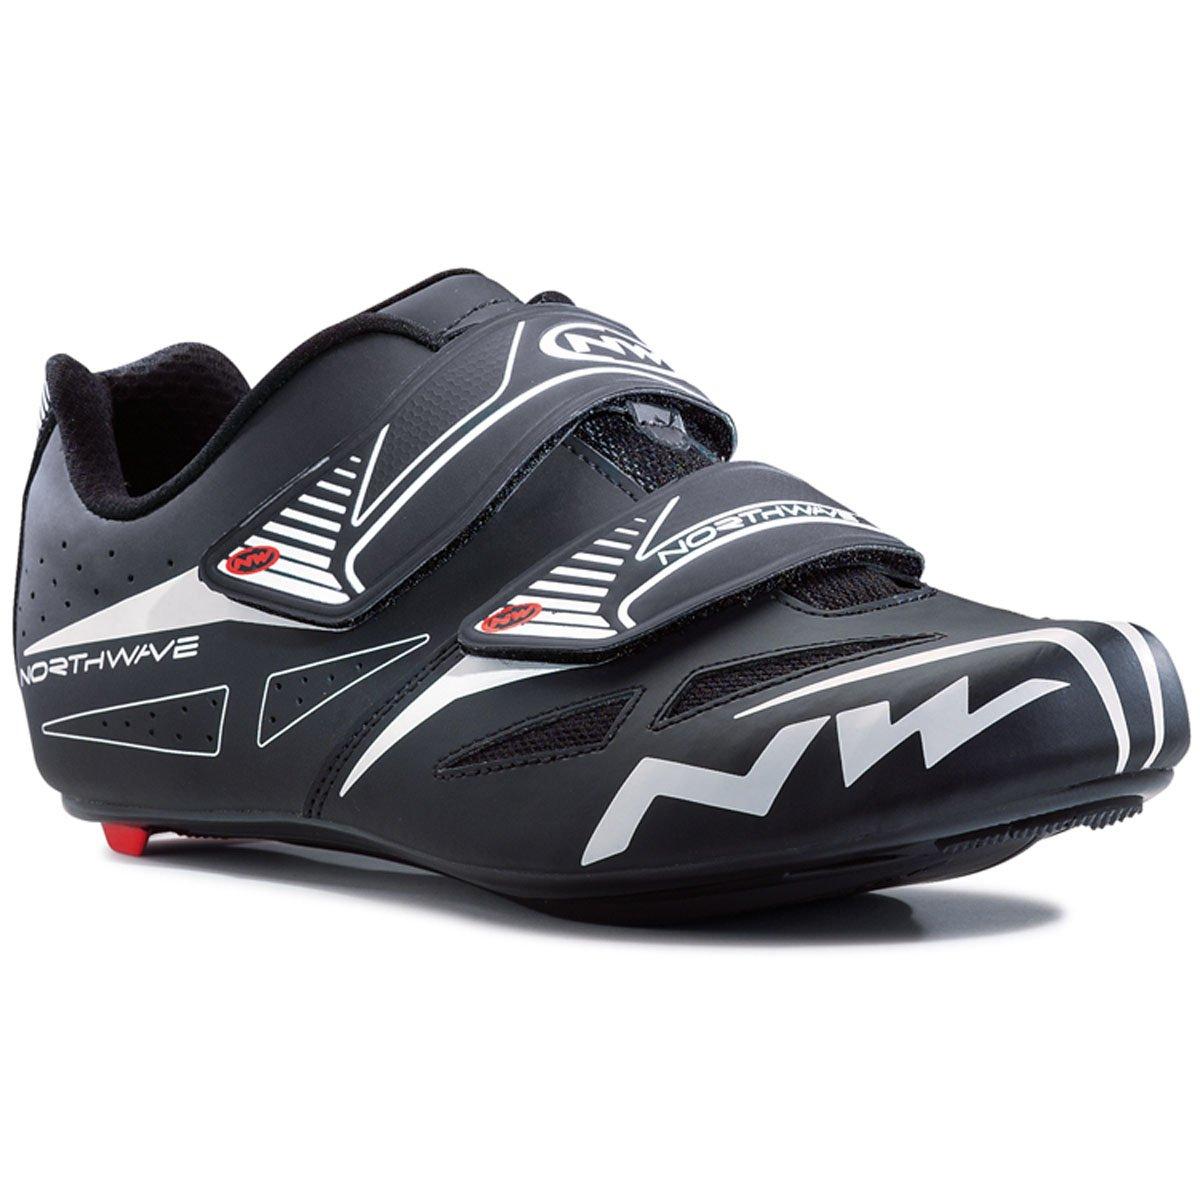 JET EVO 41 Venta de calzado deportivo de moda en línea